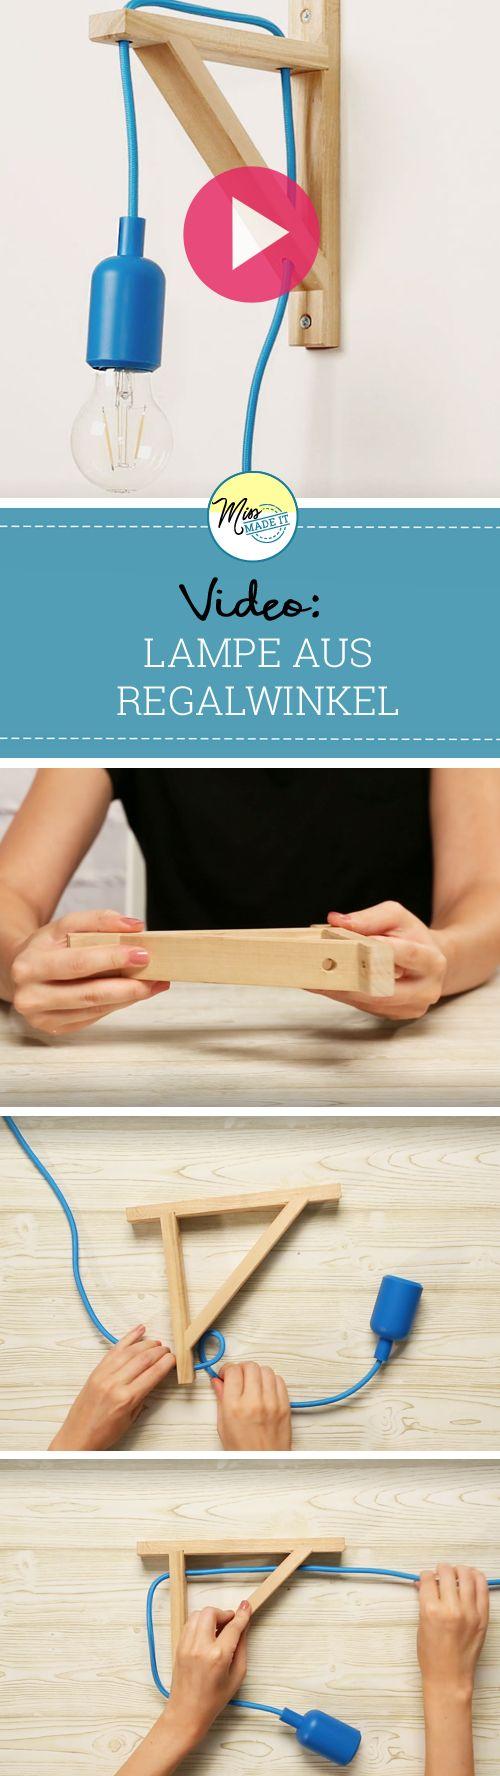 Verwandle einen Ikea Regalwinkel in eine stylische Lampe